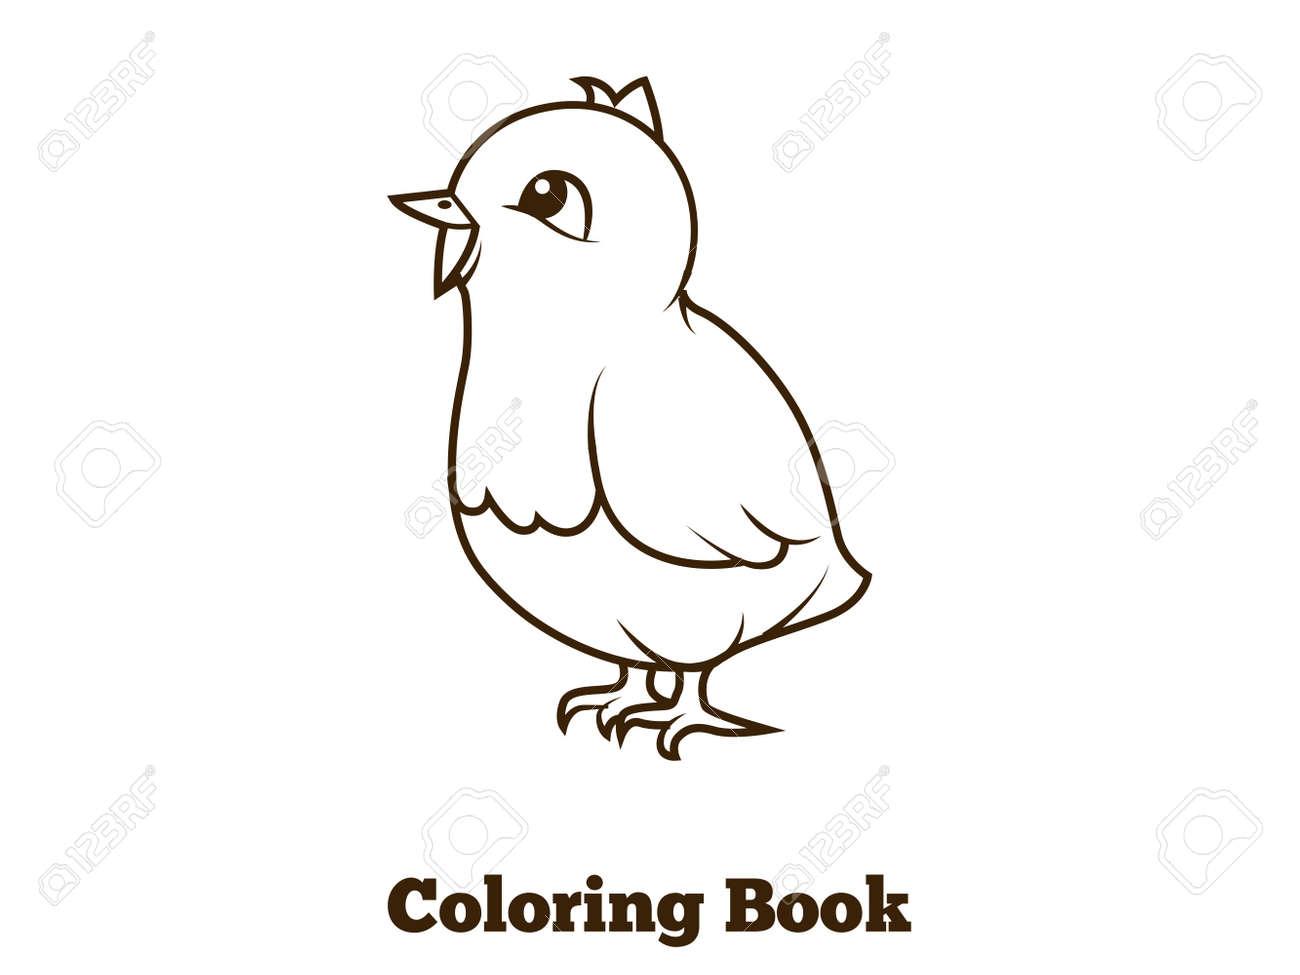 De Dibujos Animados De Pollo Libro Para Colorear Ilustración Vectorial Educativa